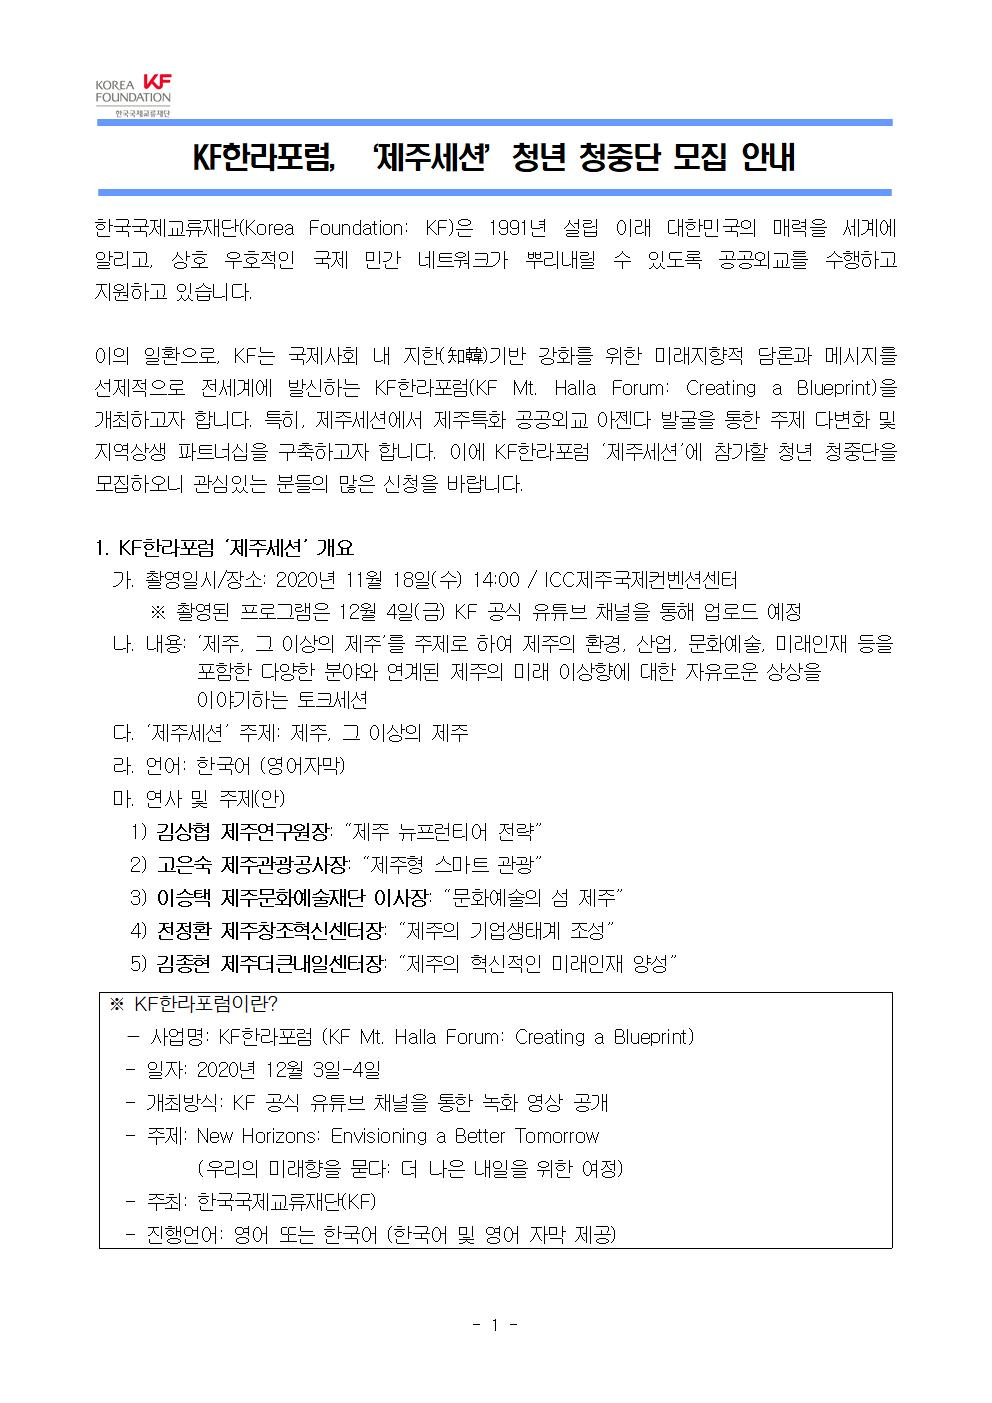 KF한라포럼 '제주세션' 청년 청중단 모집 안내